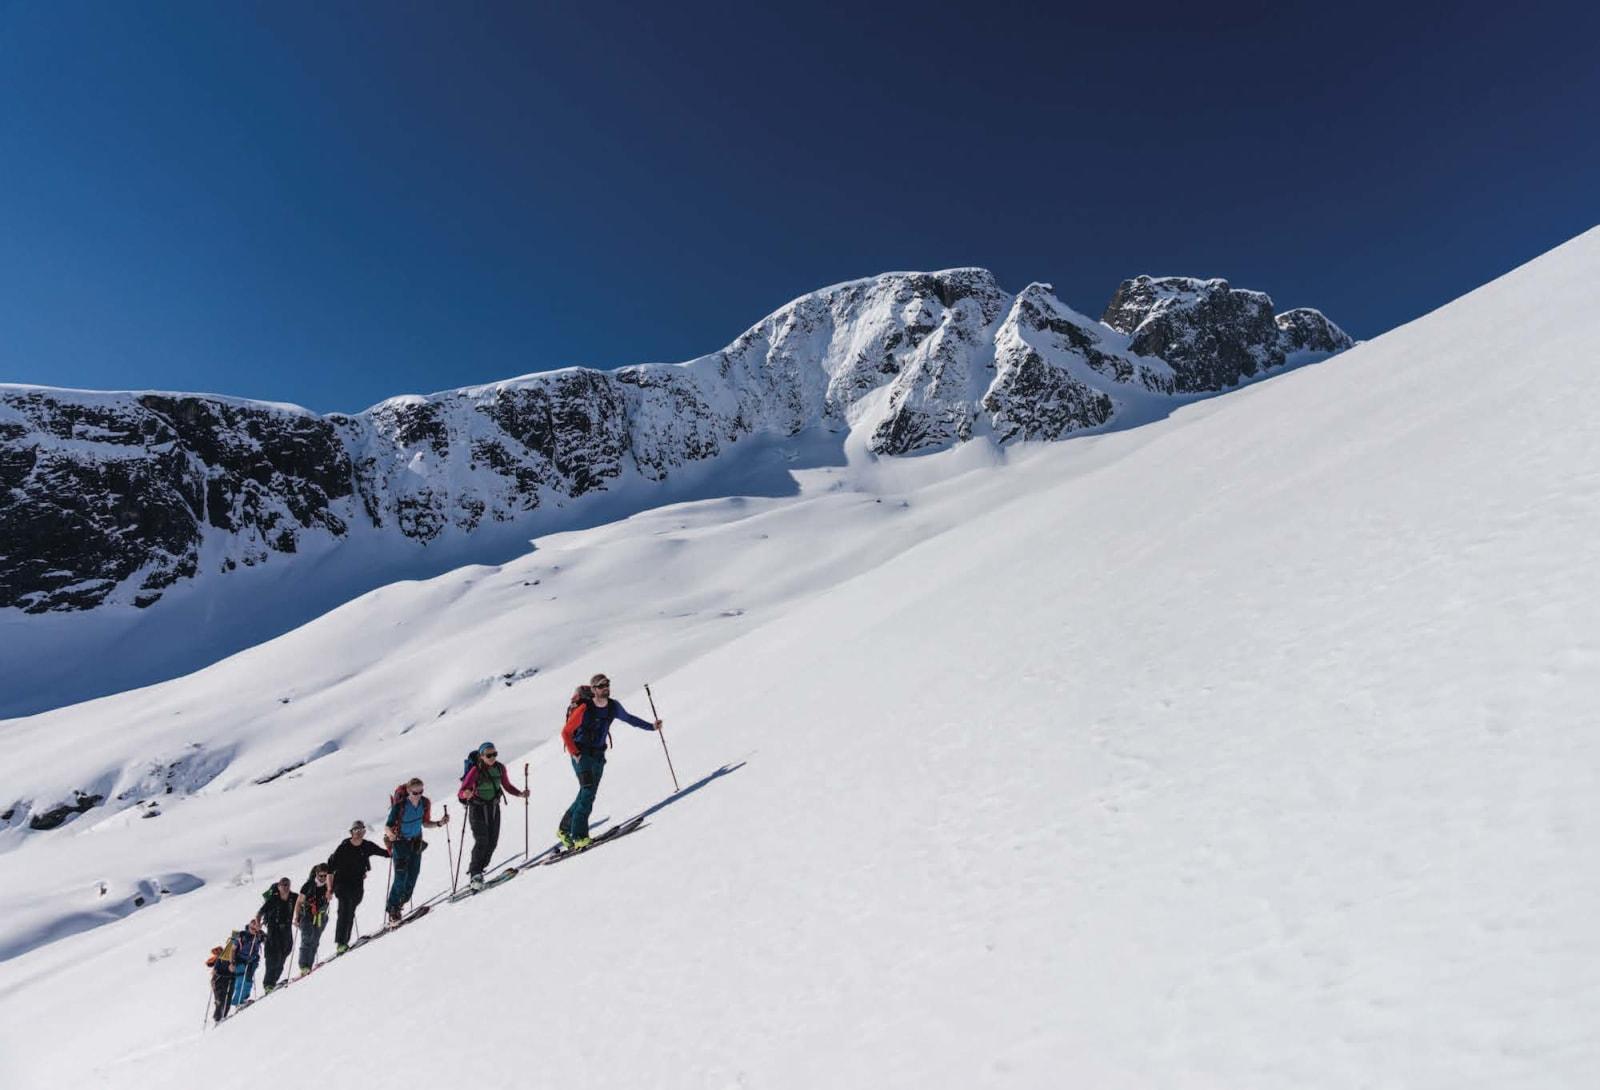 SISTE MOTBAKKE: Einar Løken i spissen for gruppa på vei opp Bjødnabreen.  Toppen i bakgrunnen er Keipen. Foto: Bård Basberg